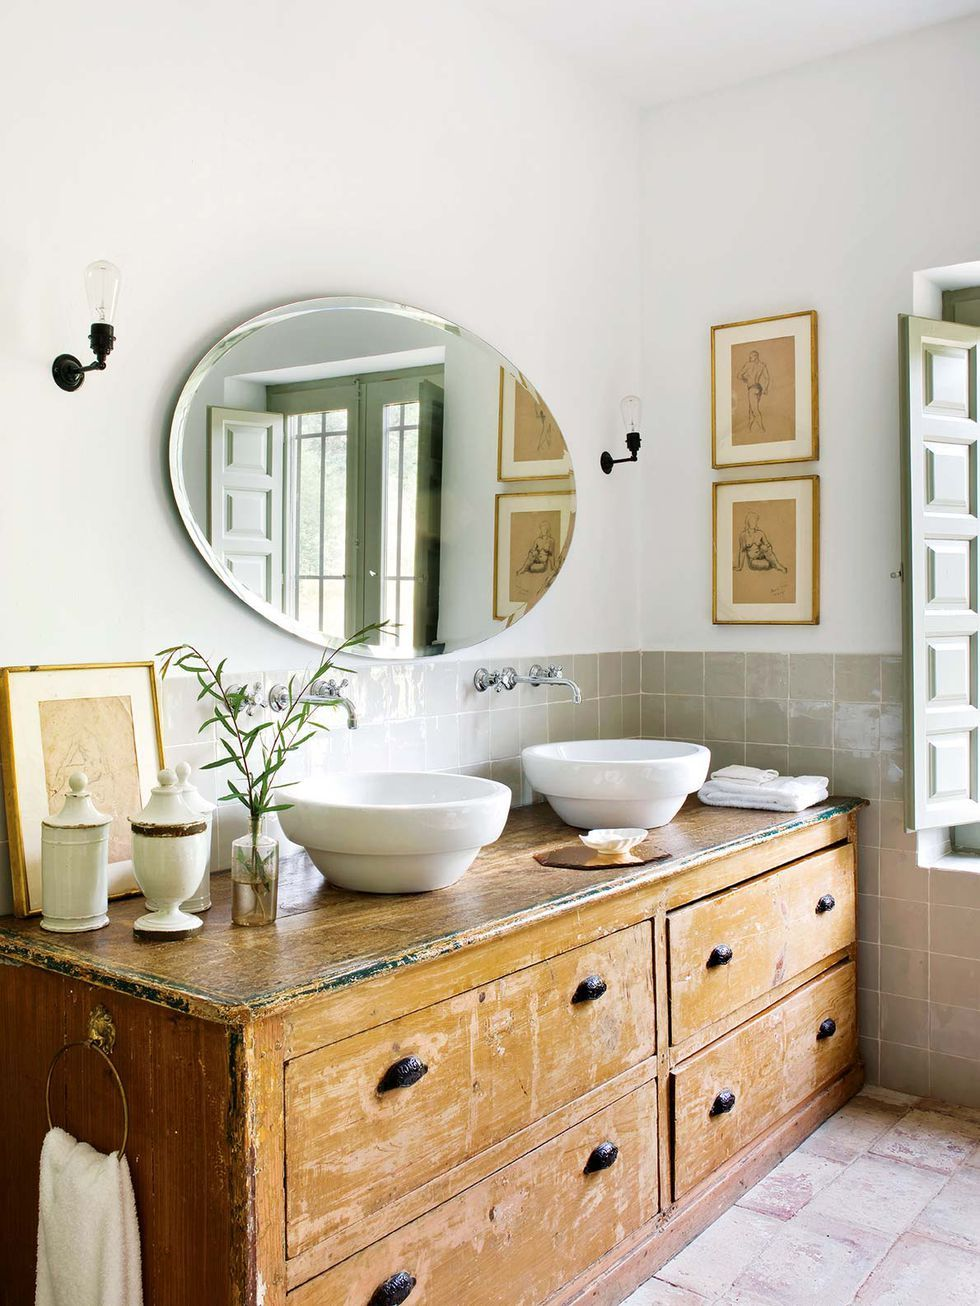 Une maison en teintes douces dans la campagne espagnole - Salle de bain maison de retraite ...